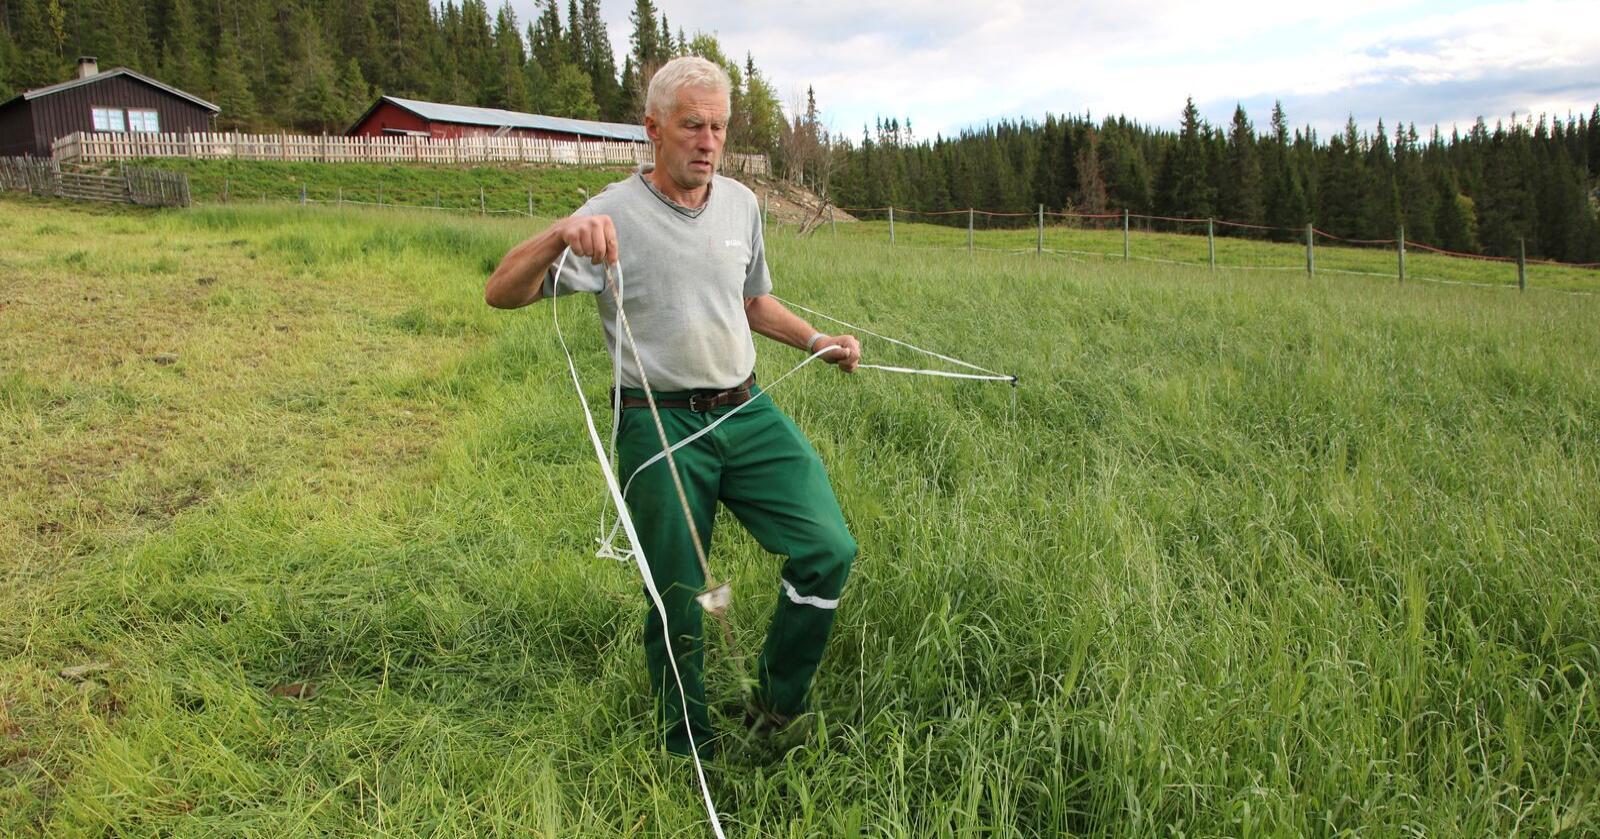 –  For å unngå at kyrne tråkker ned graset, burde jeg helst ha flyttet gjerdestolpene 3 - 4 ganger om dagen, sier Eivind Bergseth. Her utvider han beitet.